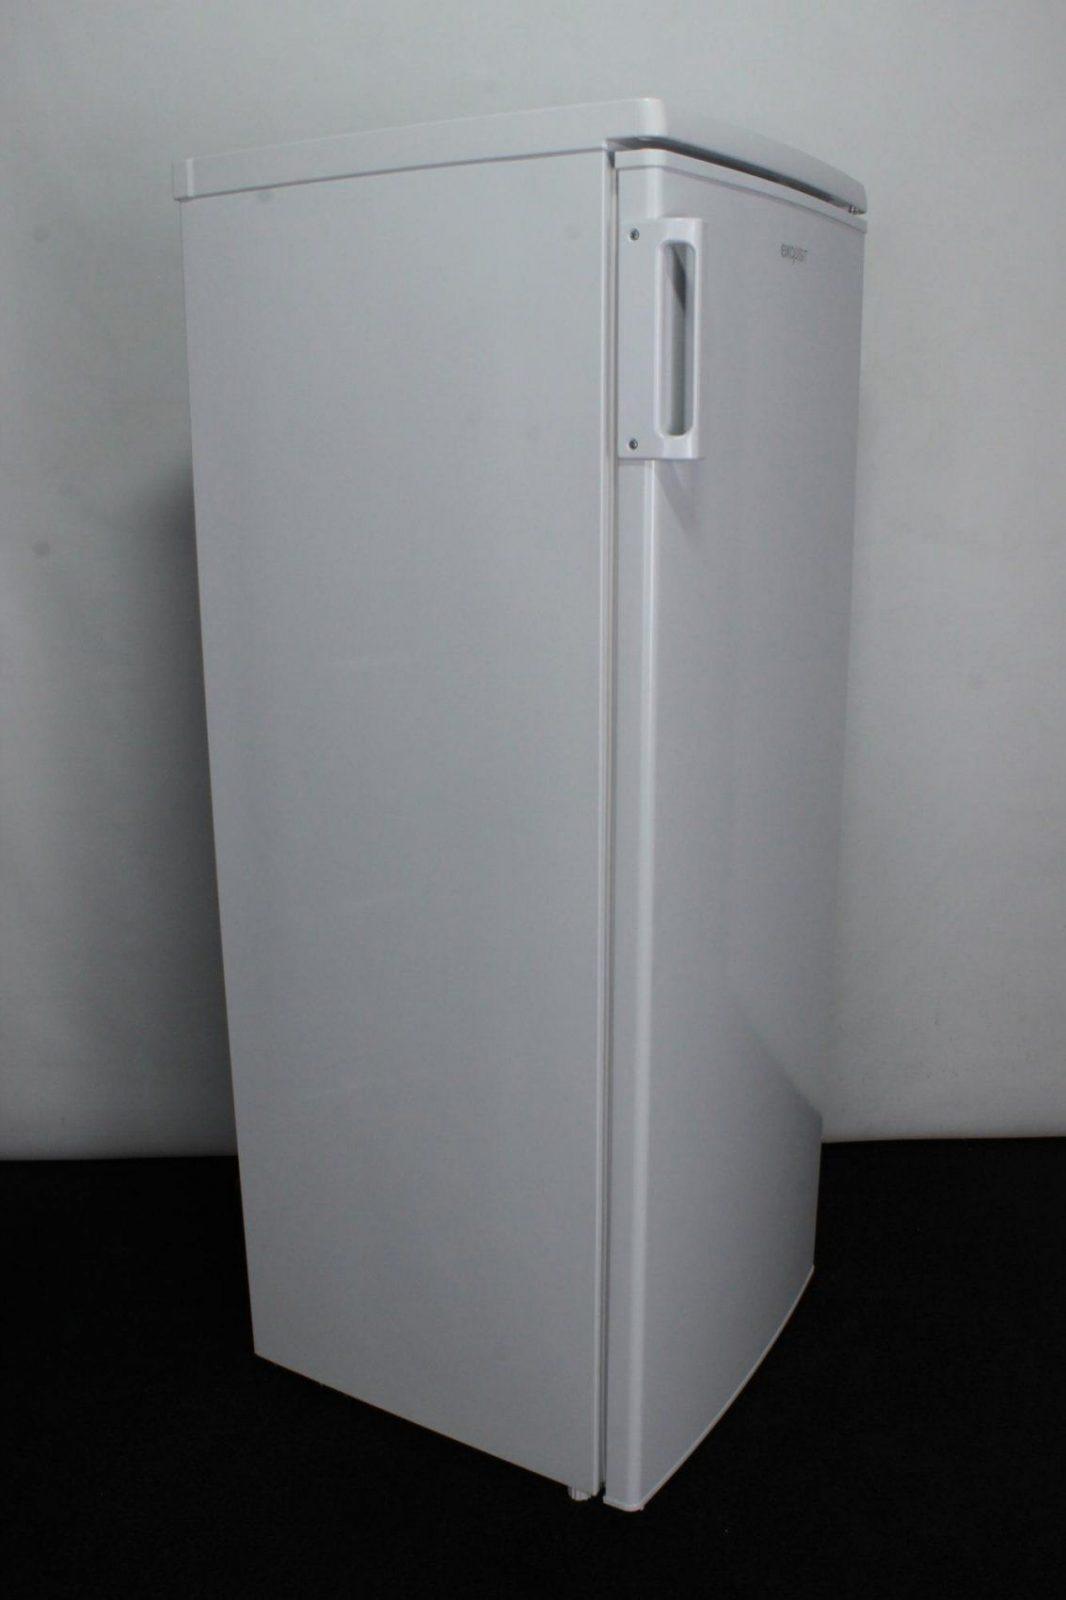 Exquisit Ks3254G A+ Standkühlschrank 55Cm Breit 240 Liter Weiß Von von Standkühlschrank 55 Cm Breit Bild